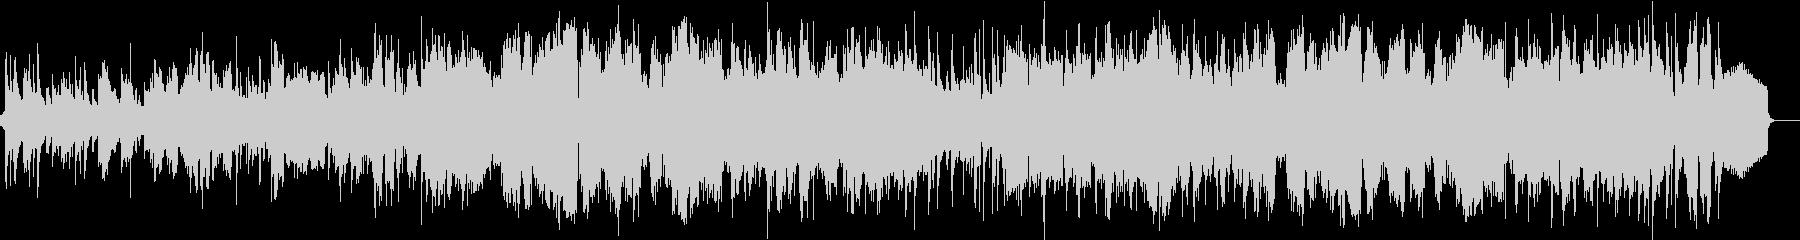 優しいフルートの旋律 大自然のハーモニーの未再生の波形